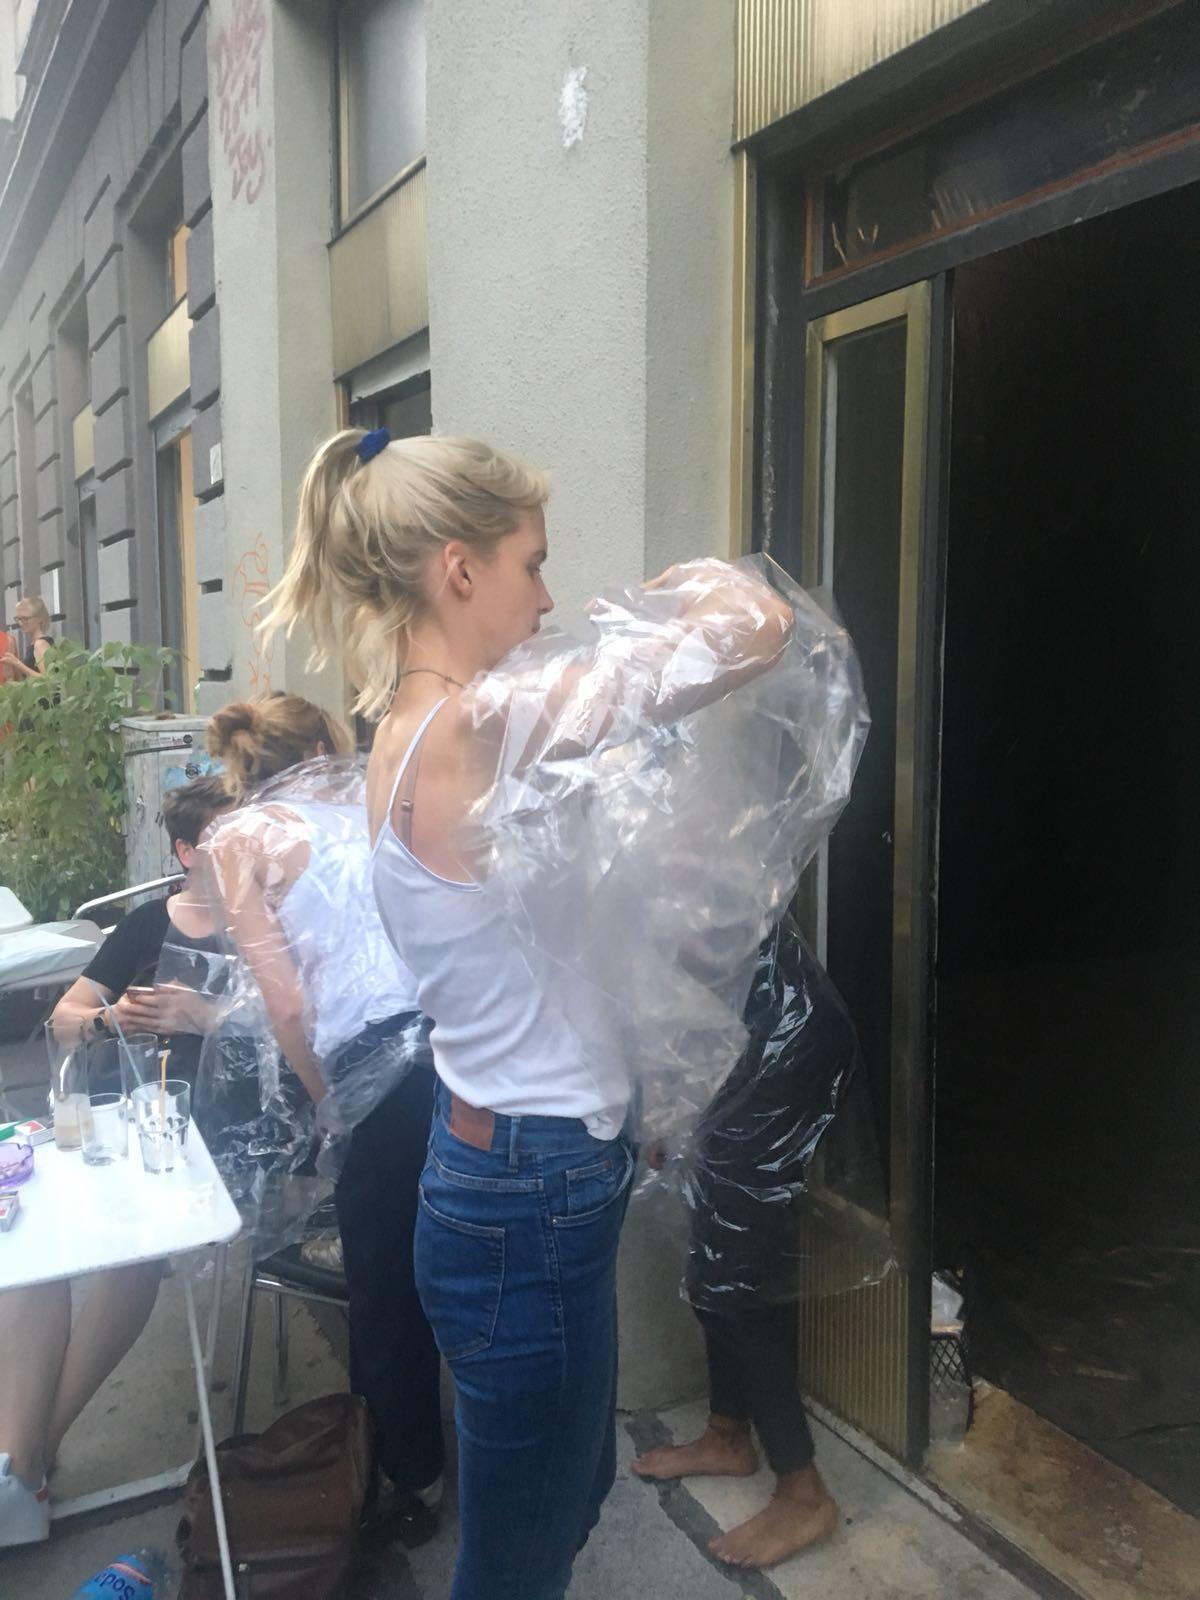 Performance Sanja Velickovic, Intersections #1, 20.6.2018, Galerie Kunstbüro